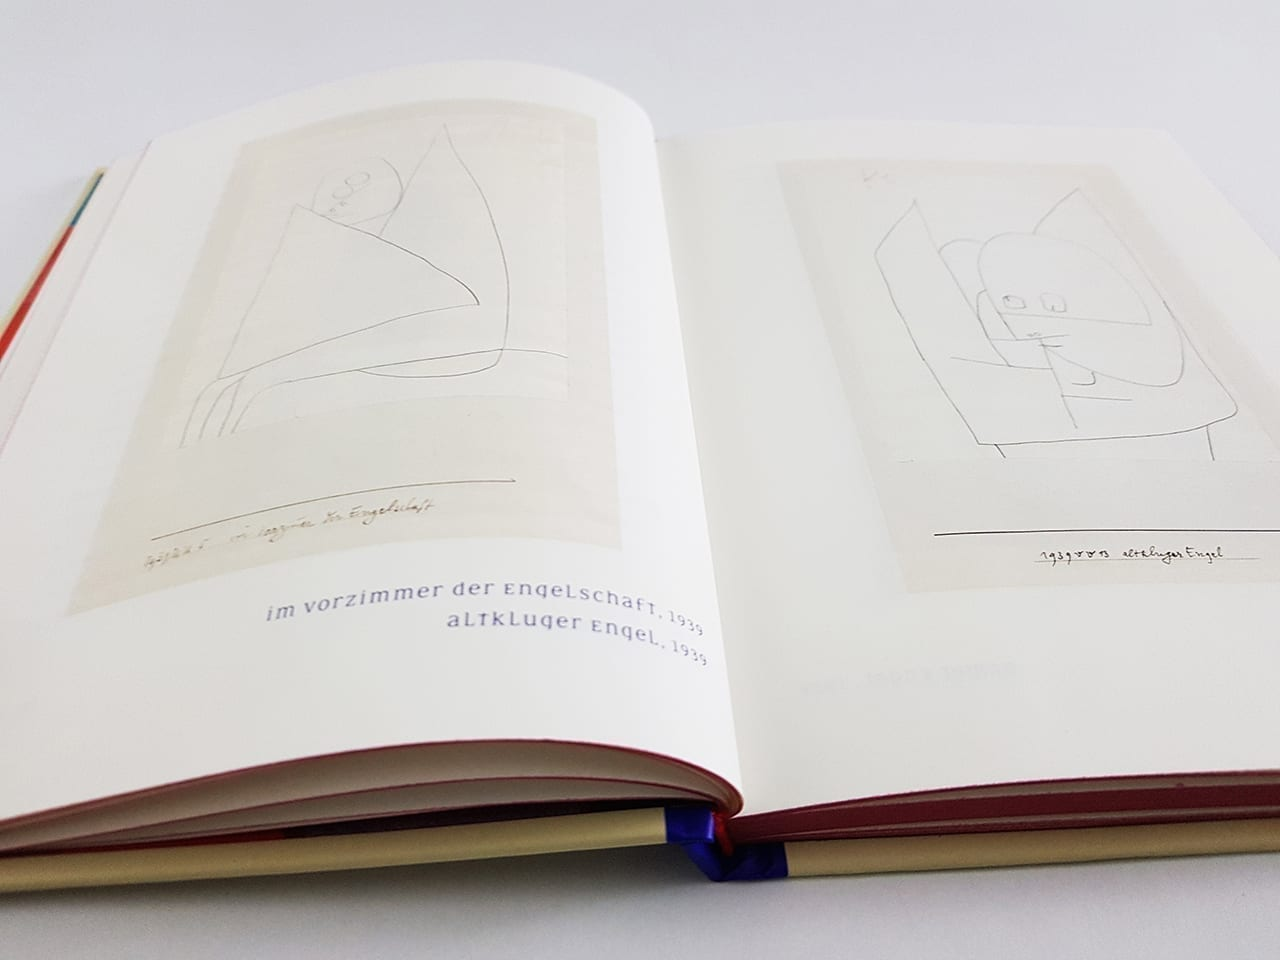 Die Engel von Paul Klee DuMont Verlag aufgeschlagene Doppelseite